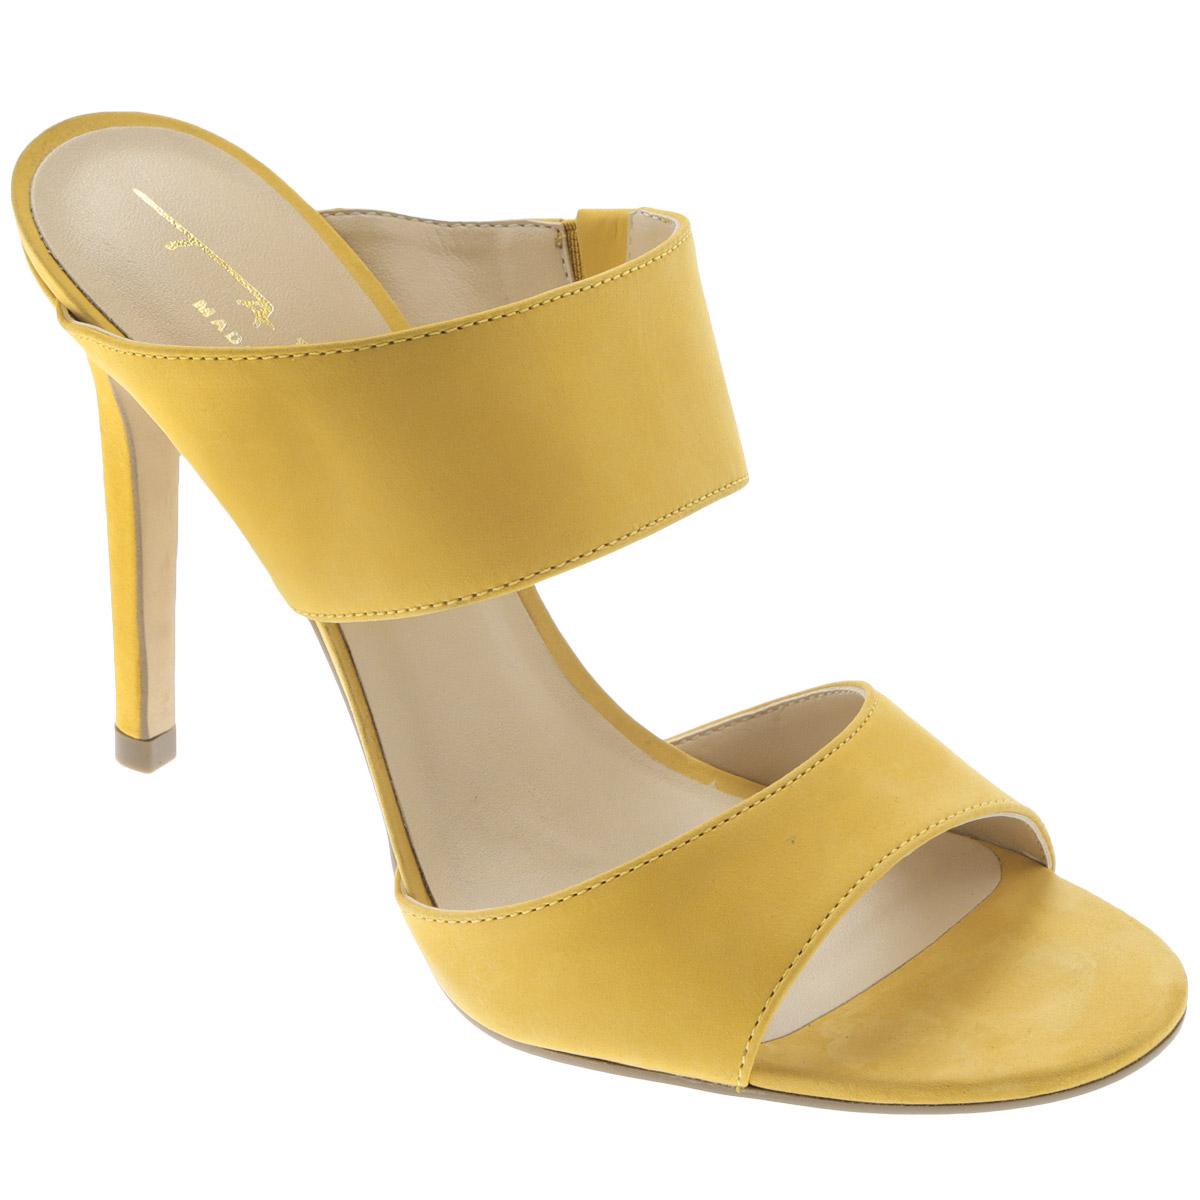 Сабо женские. 34947683494768Яркие сабо от Tabita внесут игривые нотки в ваш летний наряд. Модель выполнена из высококачественного натурального нубука. Резинка, расположенная на одном из ремешков, отвечает за оптимальную посадку модели на ноге. Стелька из искусственной кожи обеспечивает комфорт при ходьбе. Ультравысокий каблук подчеркнет красоту и стройность ваших ног. Подошва дополнена противоскользящим рифлением. Изящные сабо подчеркнут вашу женственность и безупречный вкус!